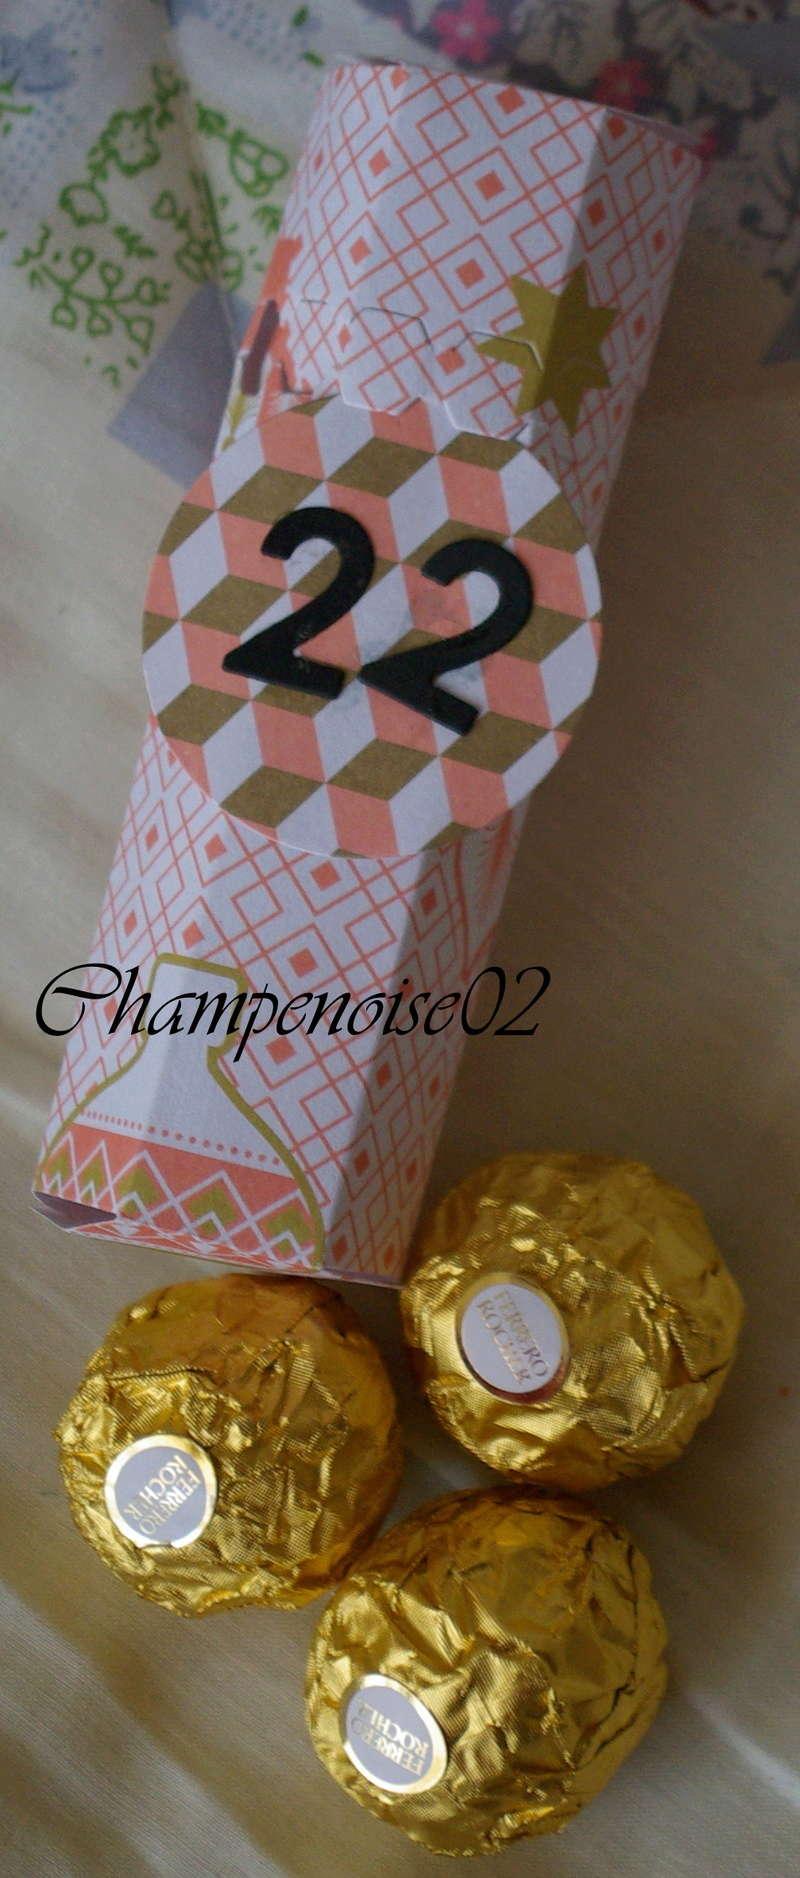 Champenoise02 et Màry ont leur calendrier Jour_n30